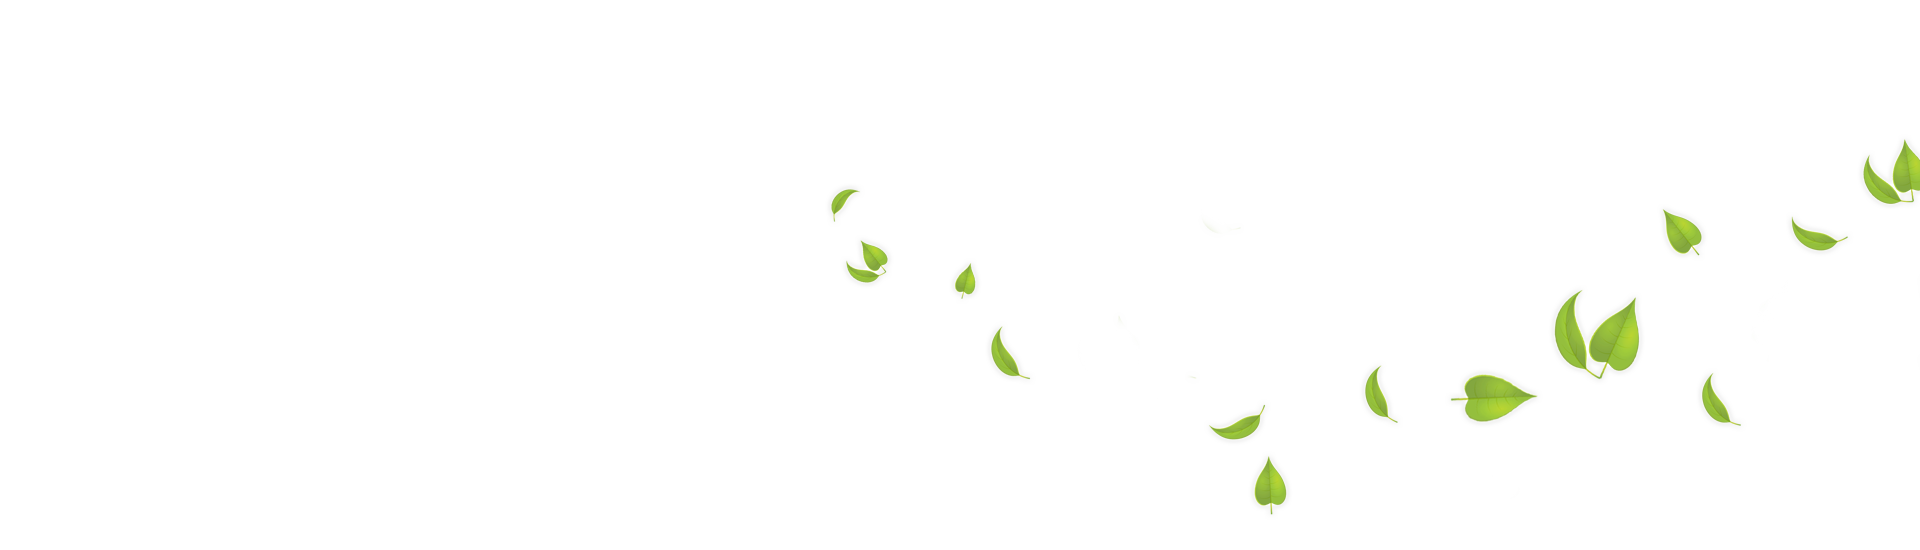 Flying Leaf Png image #44862